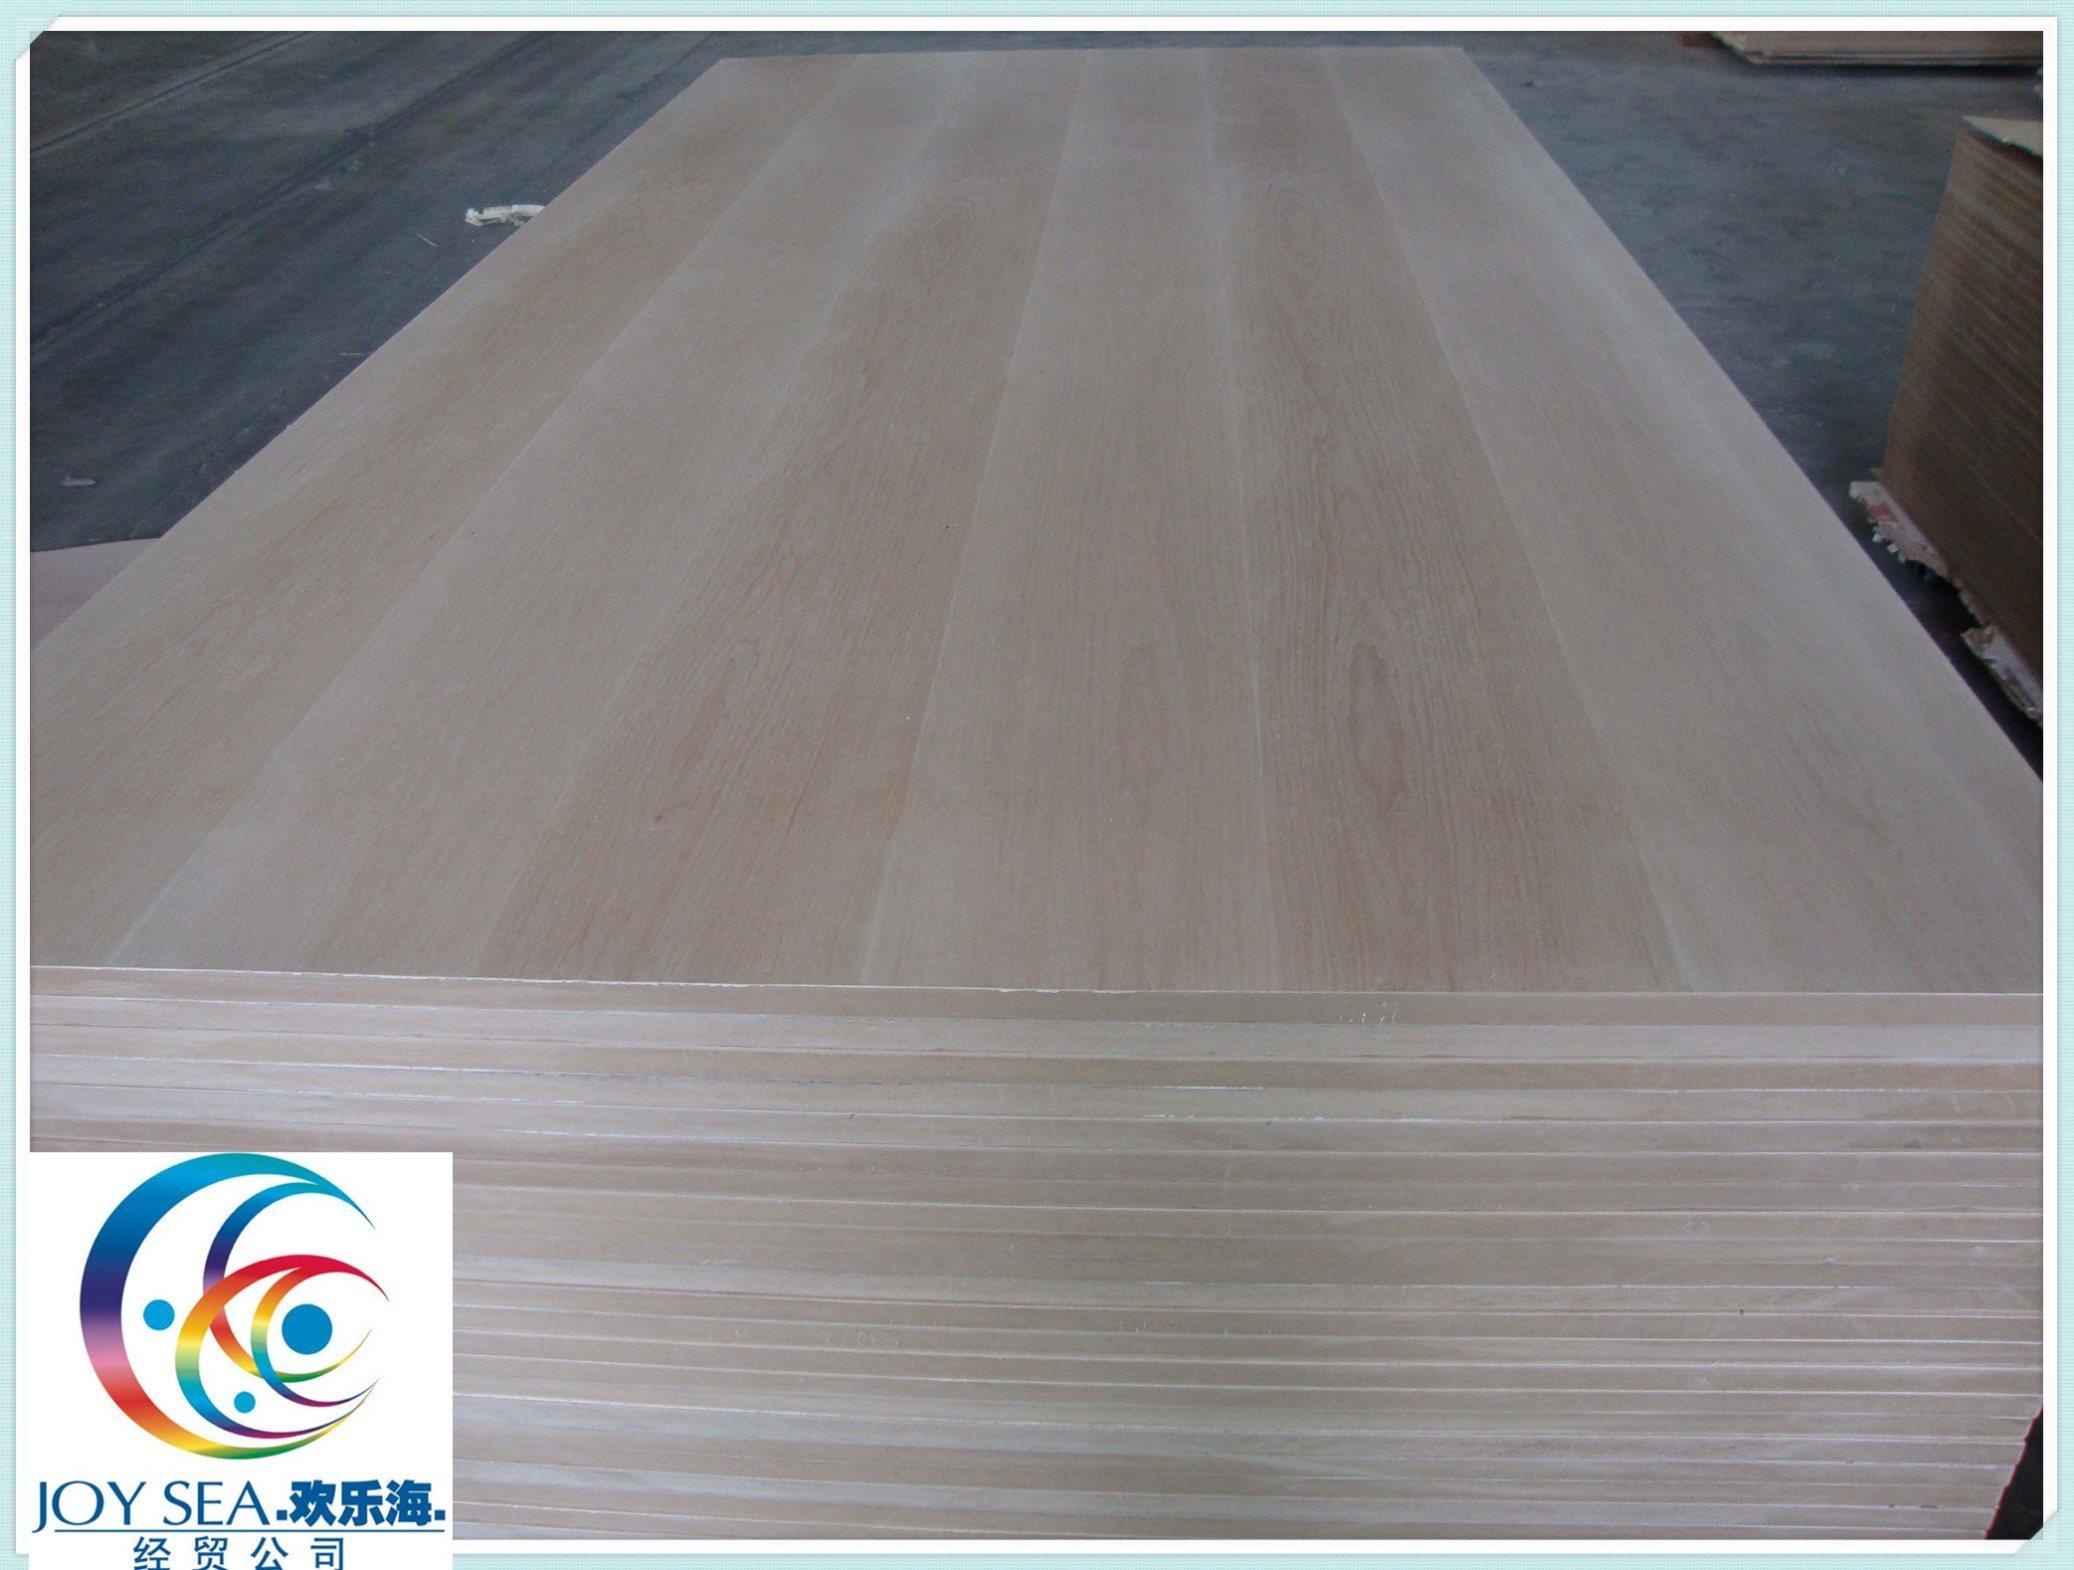 Veneer Laminated Medium Fiberboard for Making Shelf Furniture